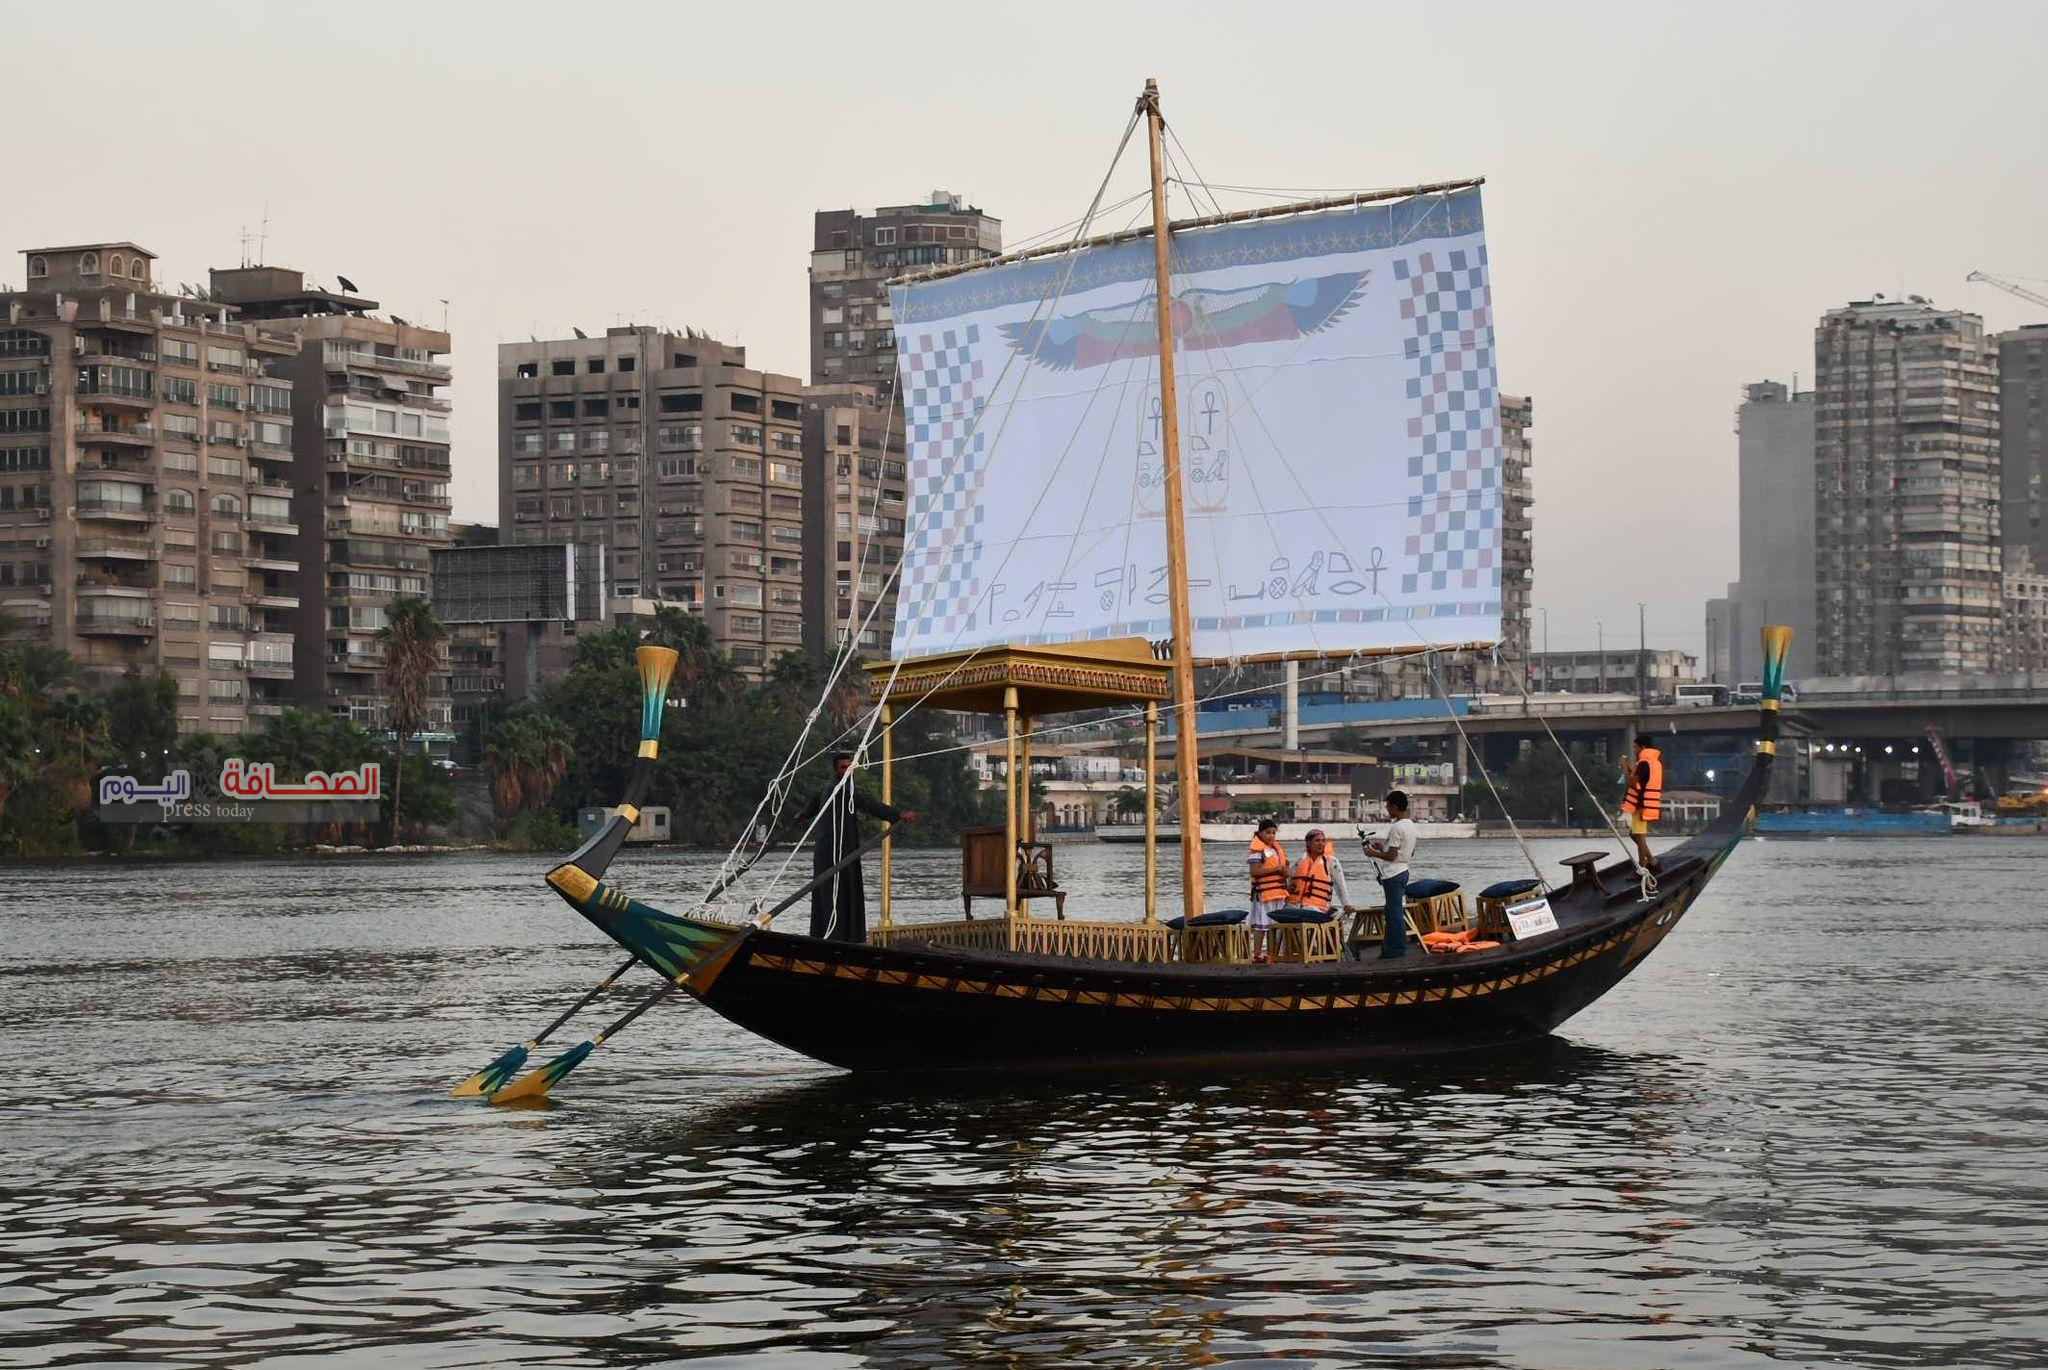 بالصور .. الاحتفال برأس السنة المصرية القديمة 6262